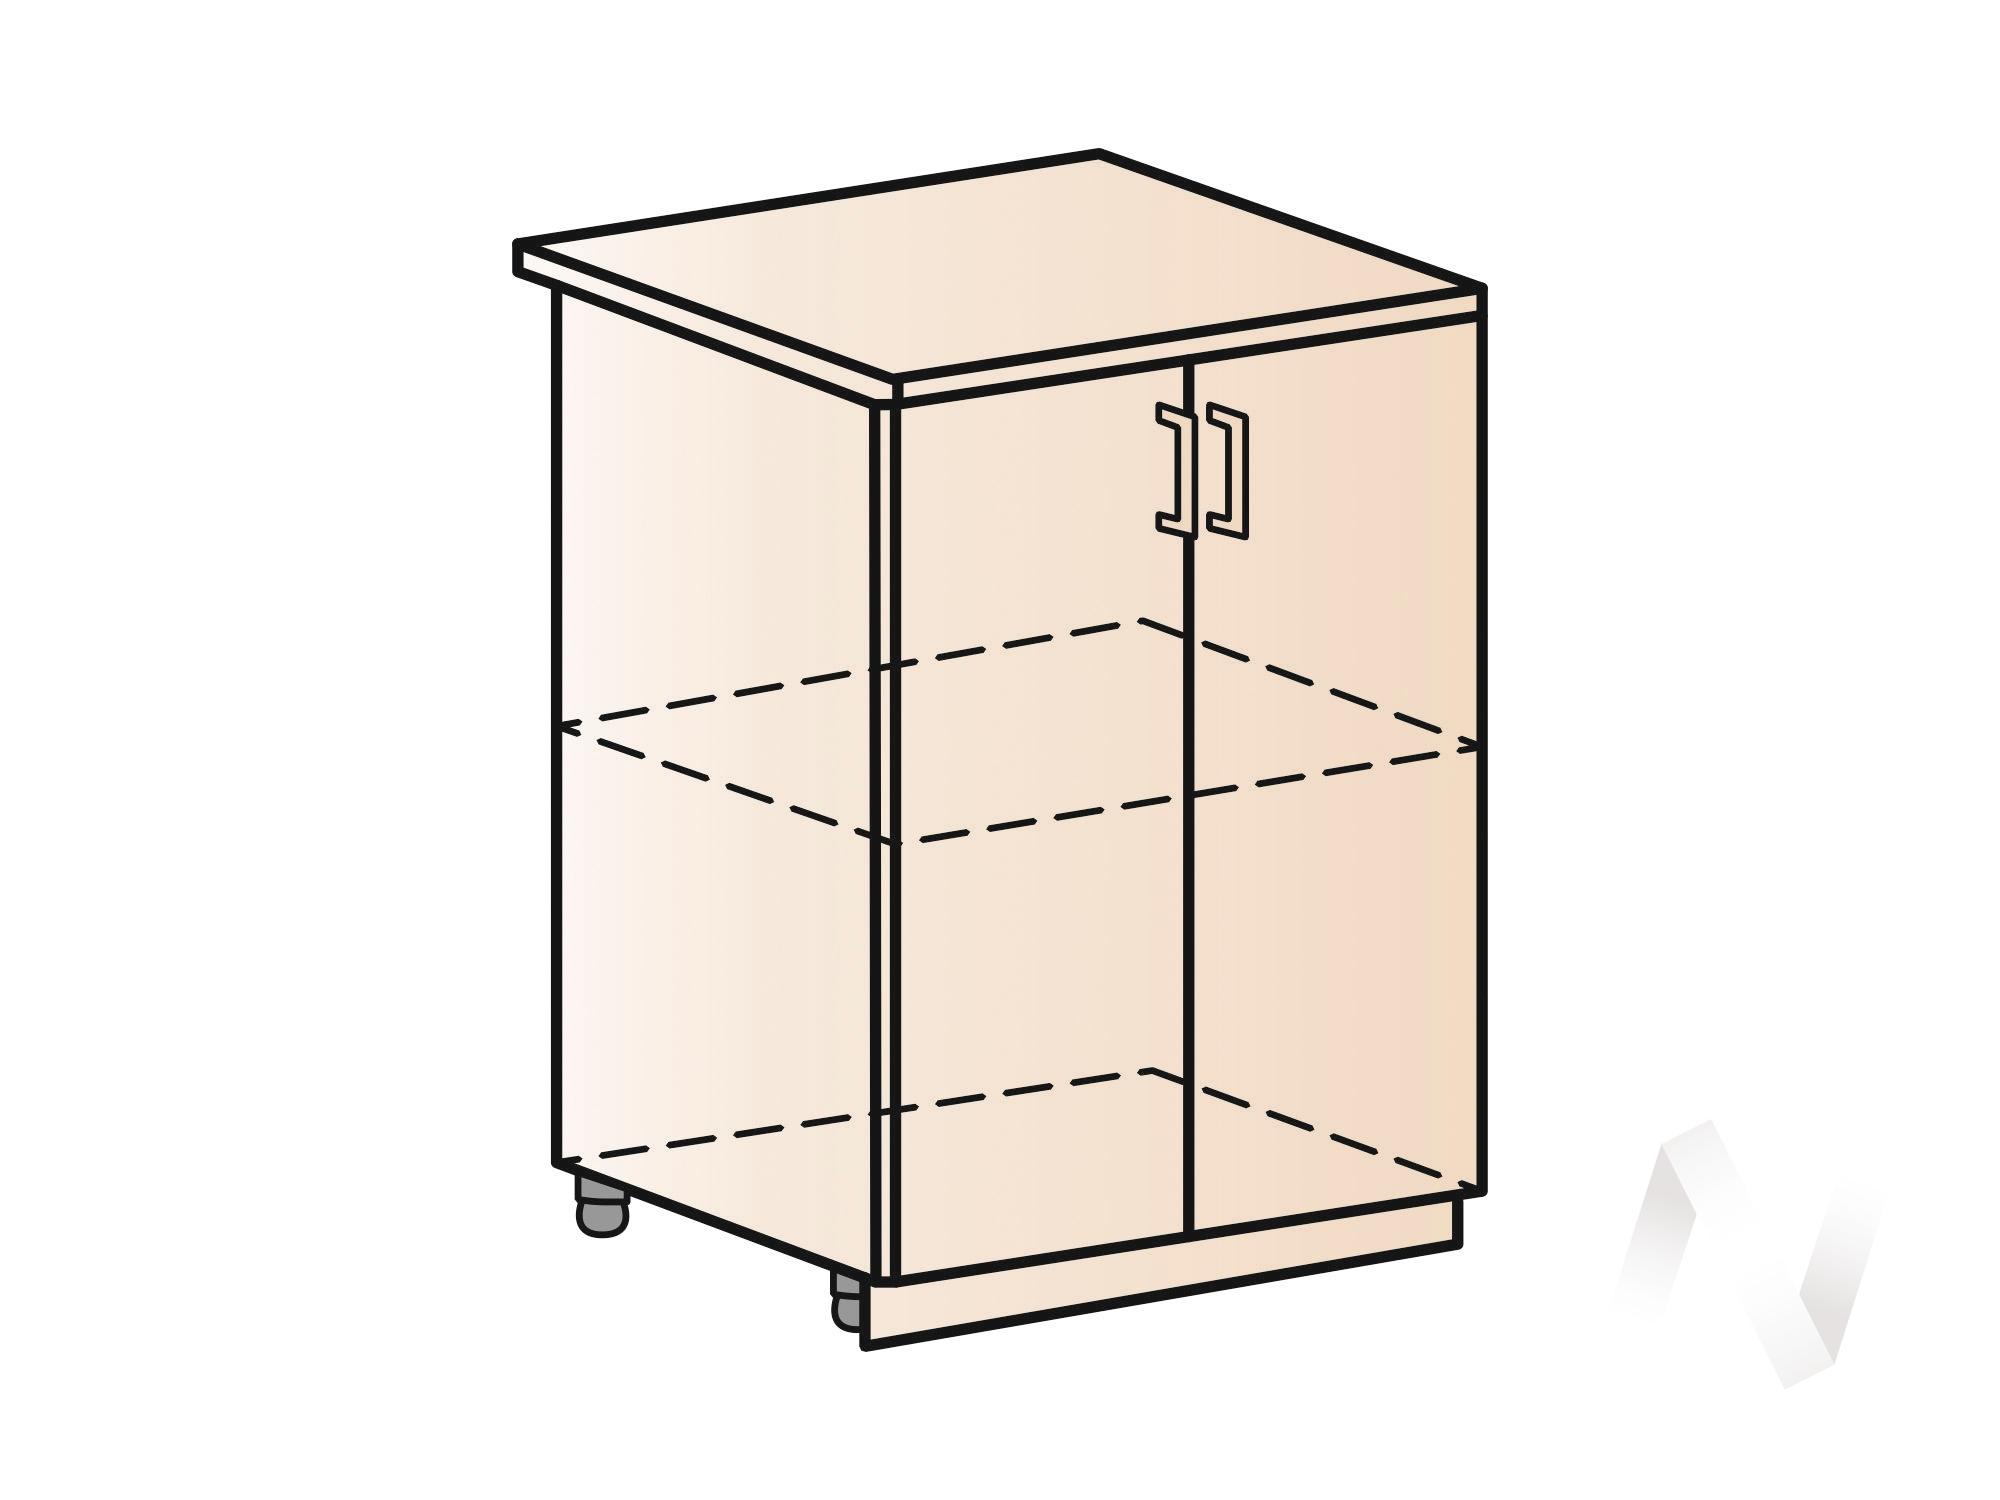 """Купить кухня """"вена"""": шкаф нижний 600, шн 600 (корпус белый) в Новосибирске в интернет-магазине Мебель плюс Техника"""